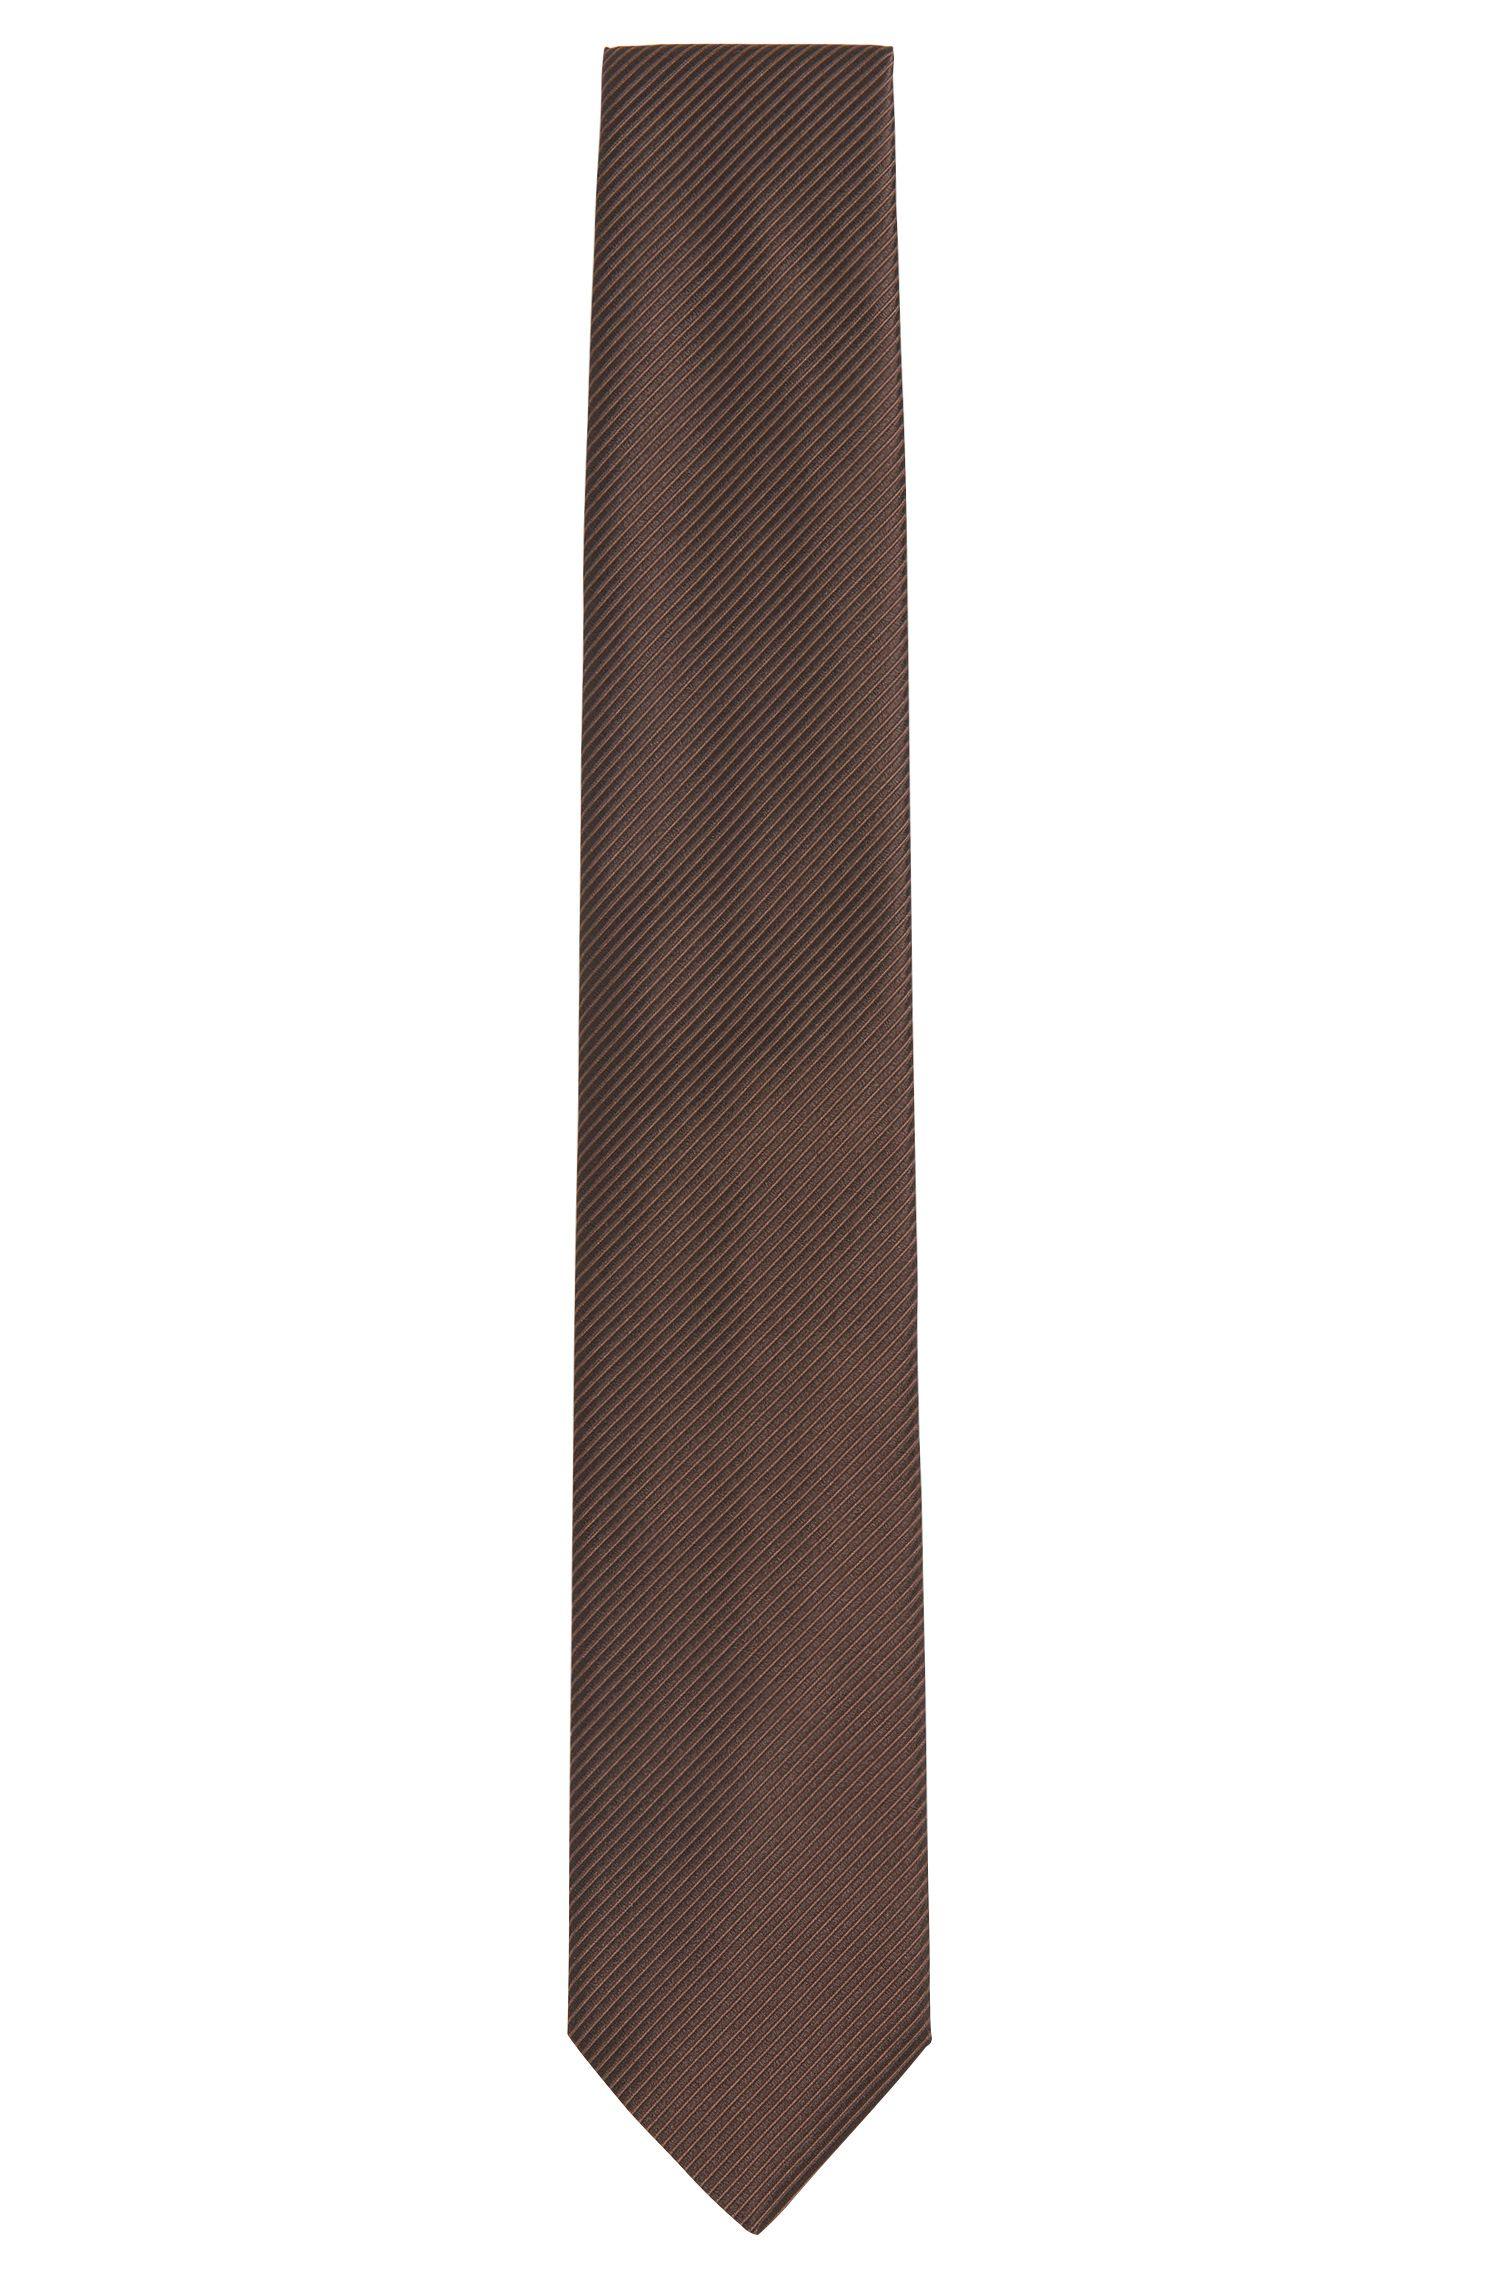 Stropdas van zijde met lijnenstructuur: 'Tie cm 7'